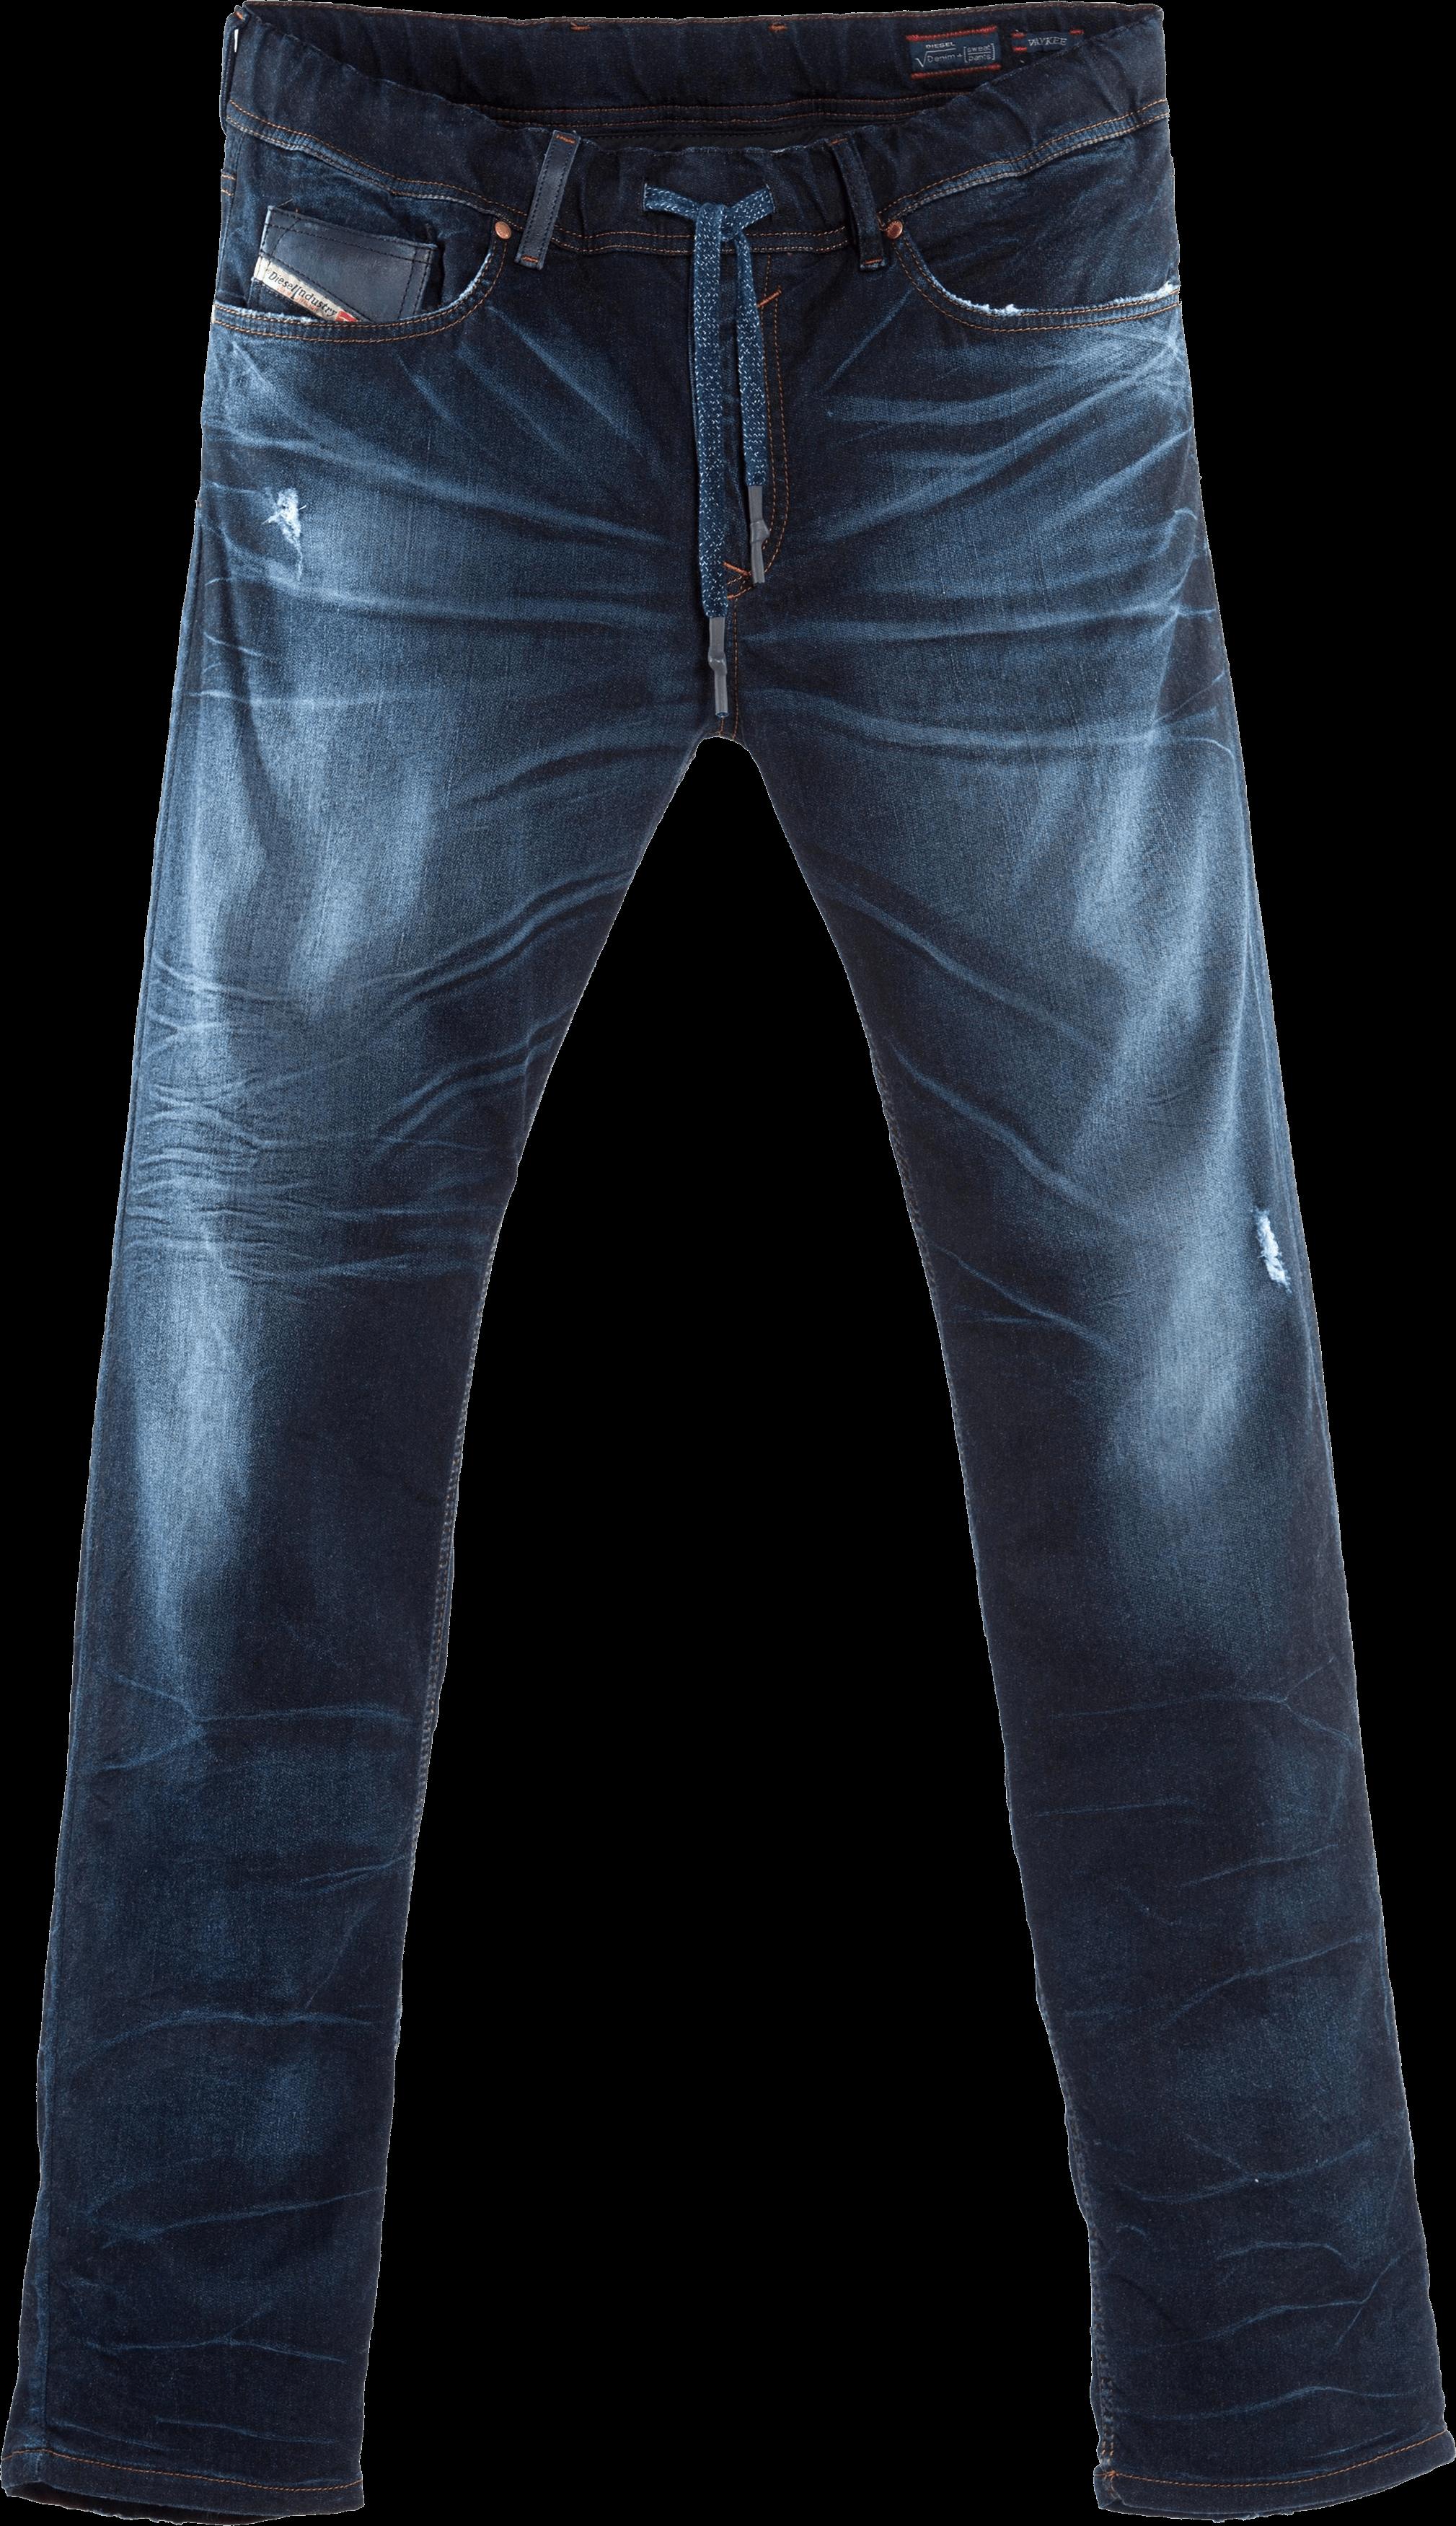 Jeans png transparent images. Pants clipart kid shirt